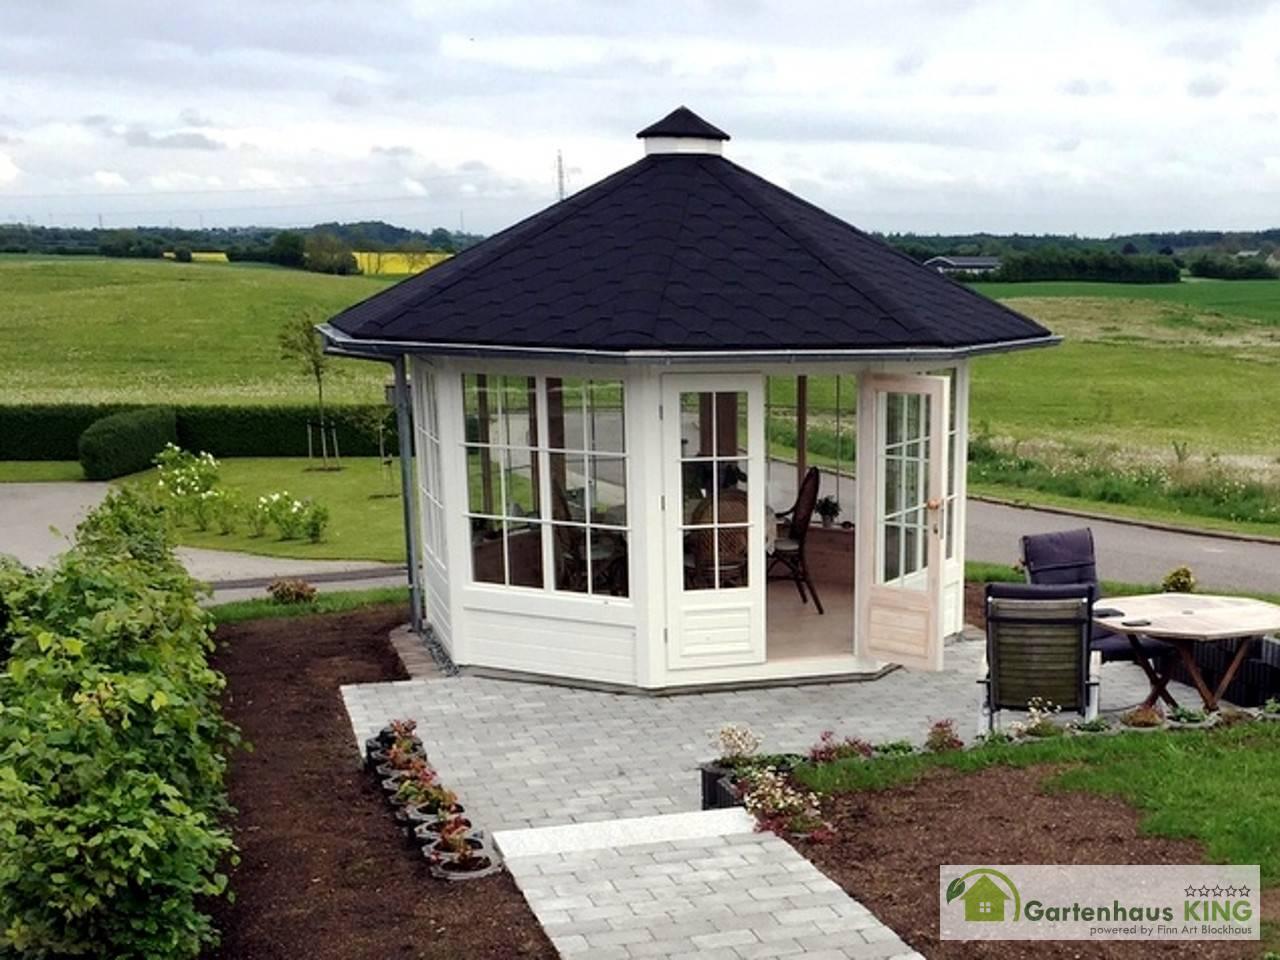 Baustoffe und Grundformen der Pavillons